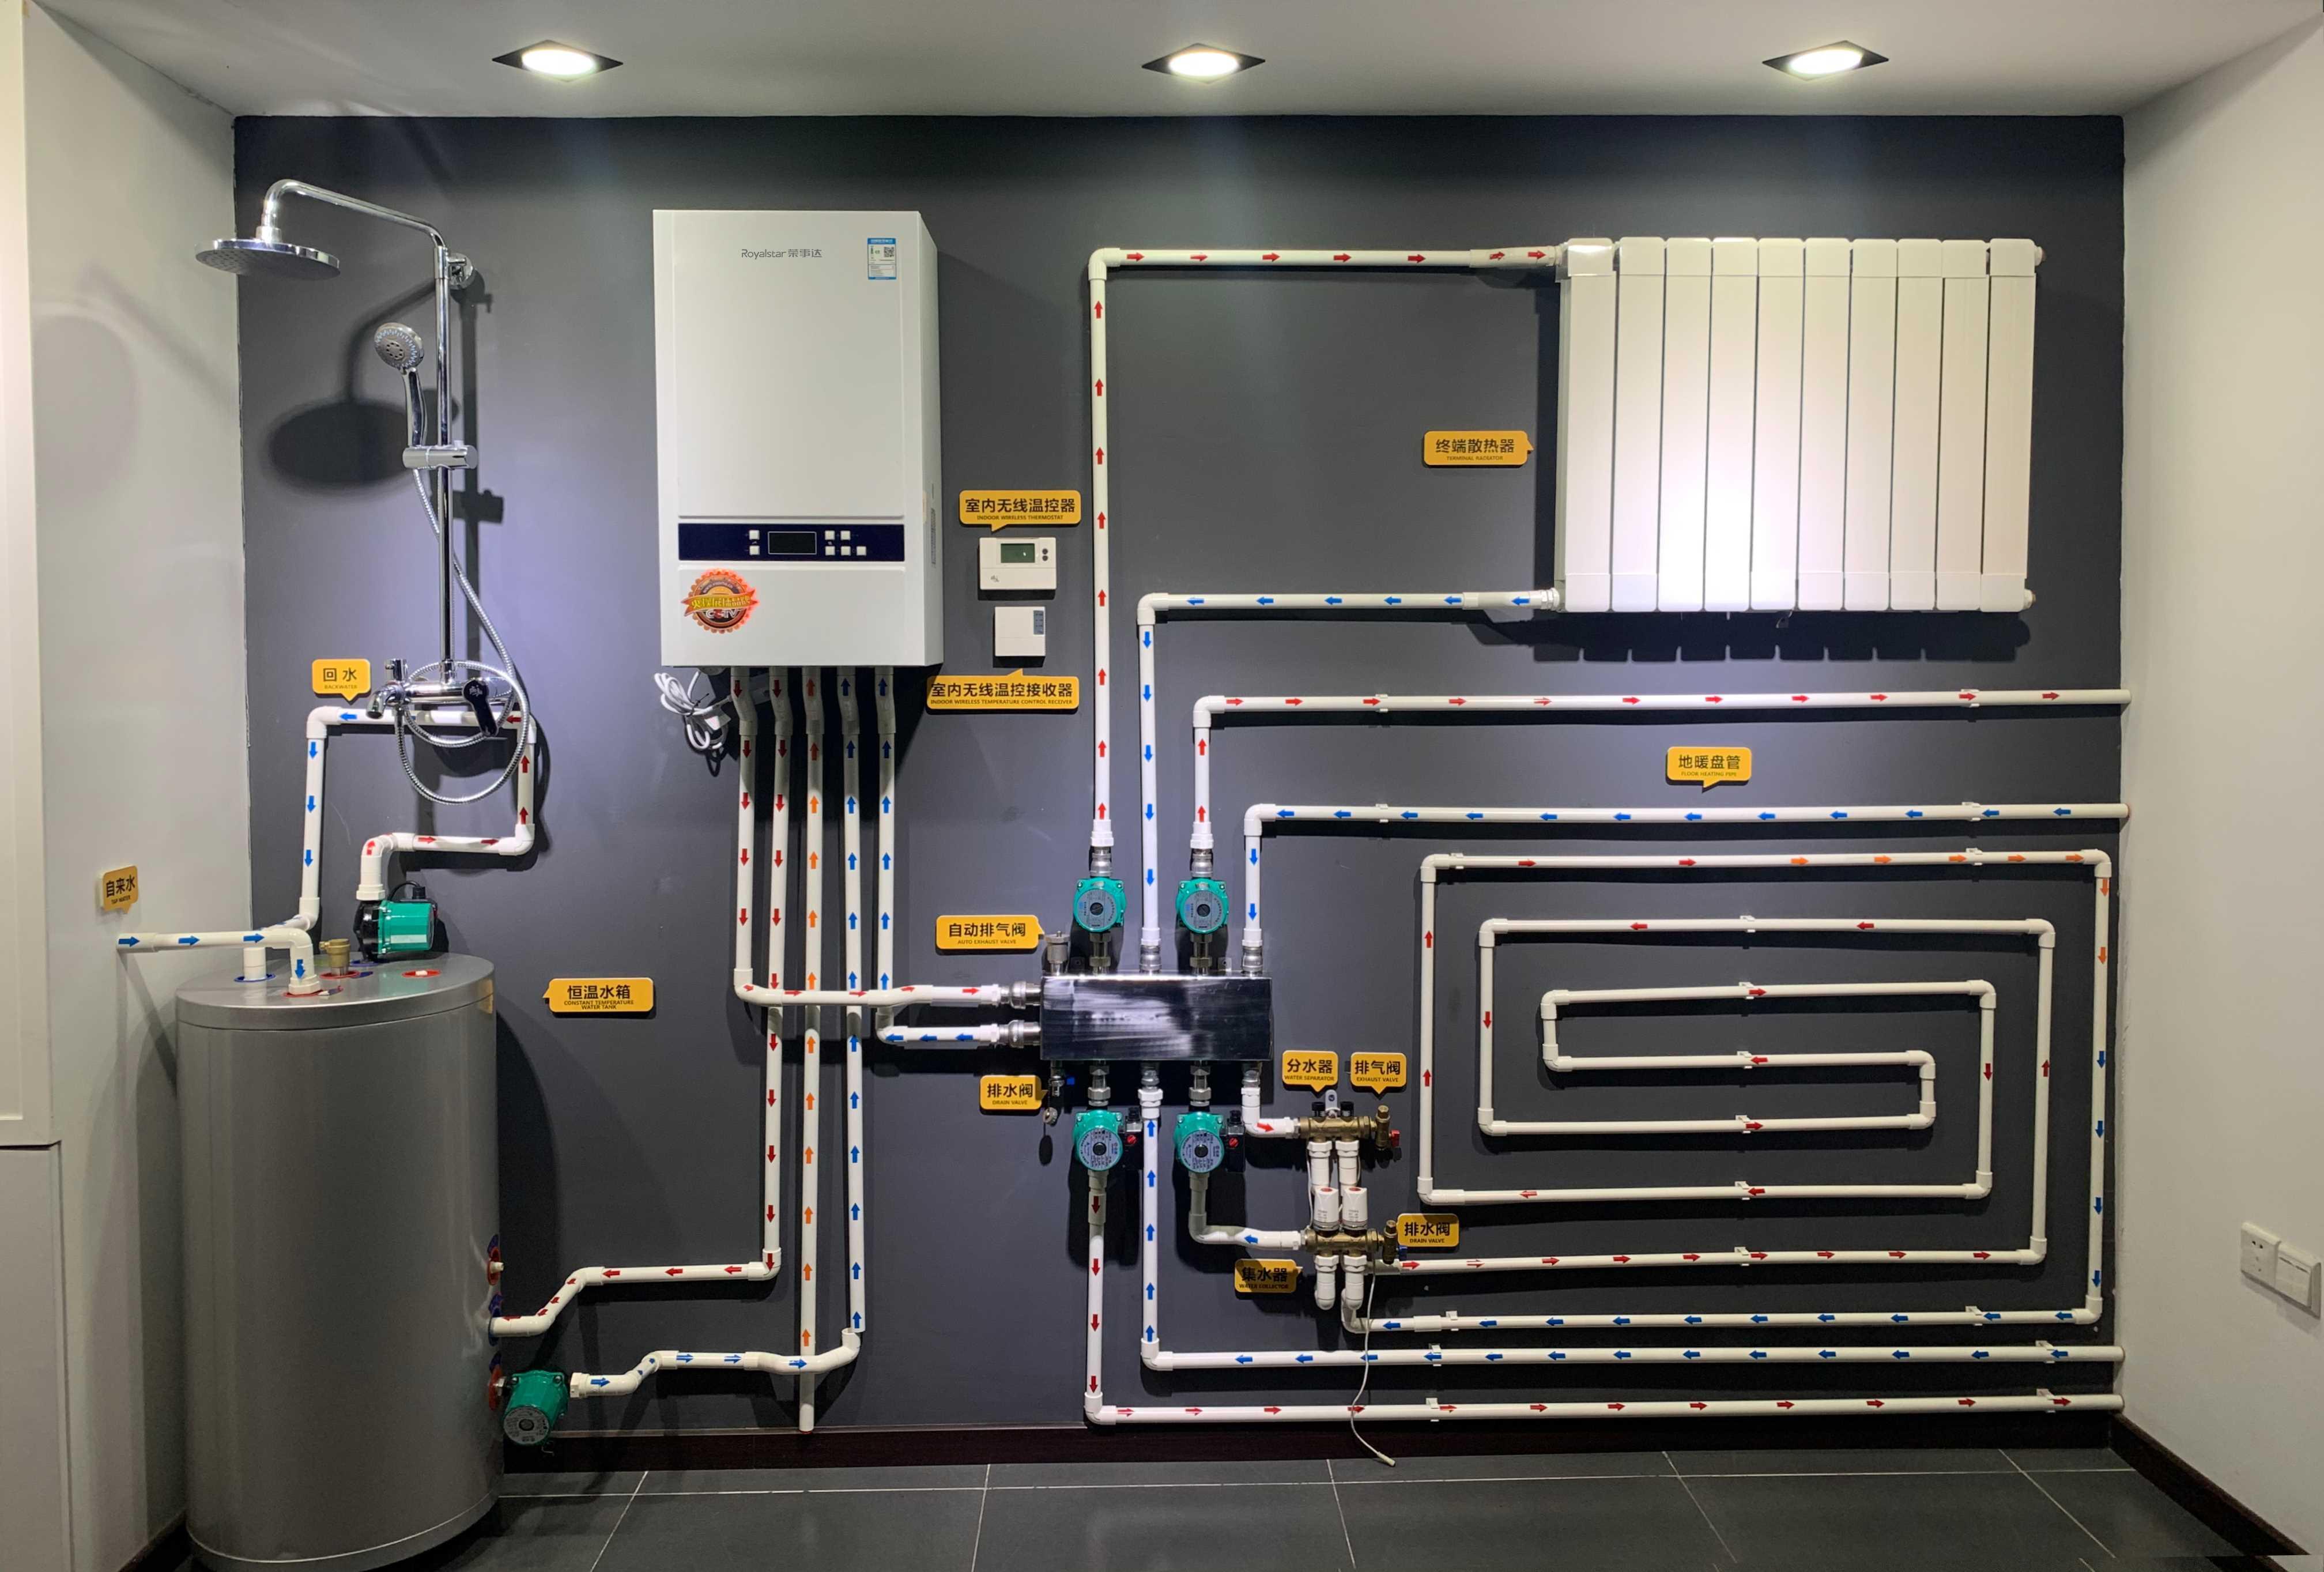 荣事达壁挂炉采暖+生活热水系统运作示意图